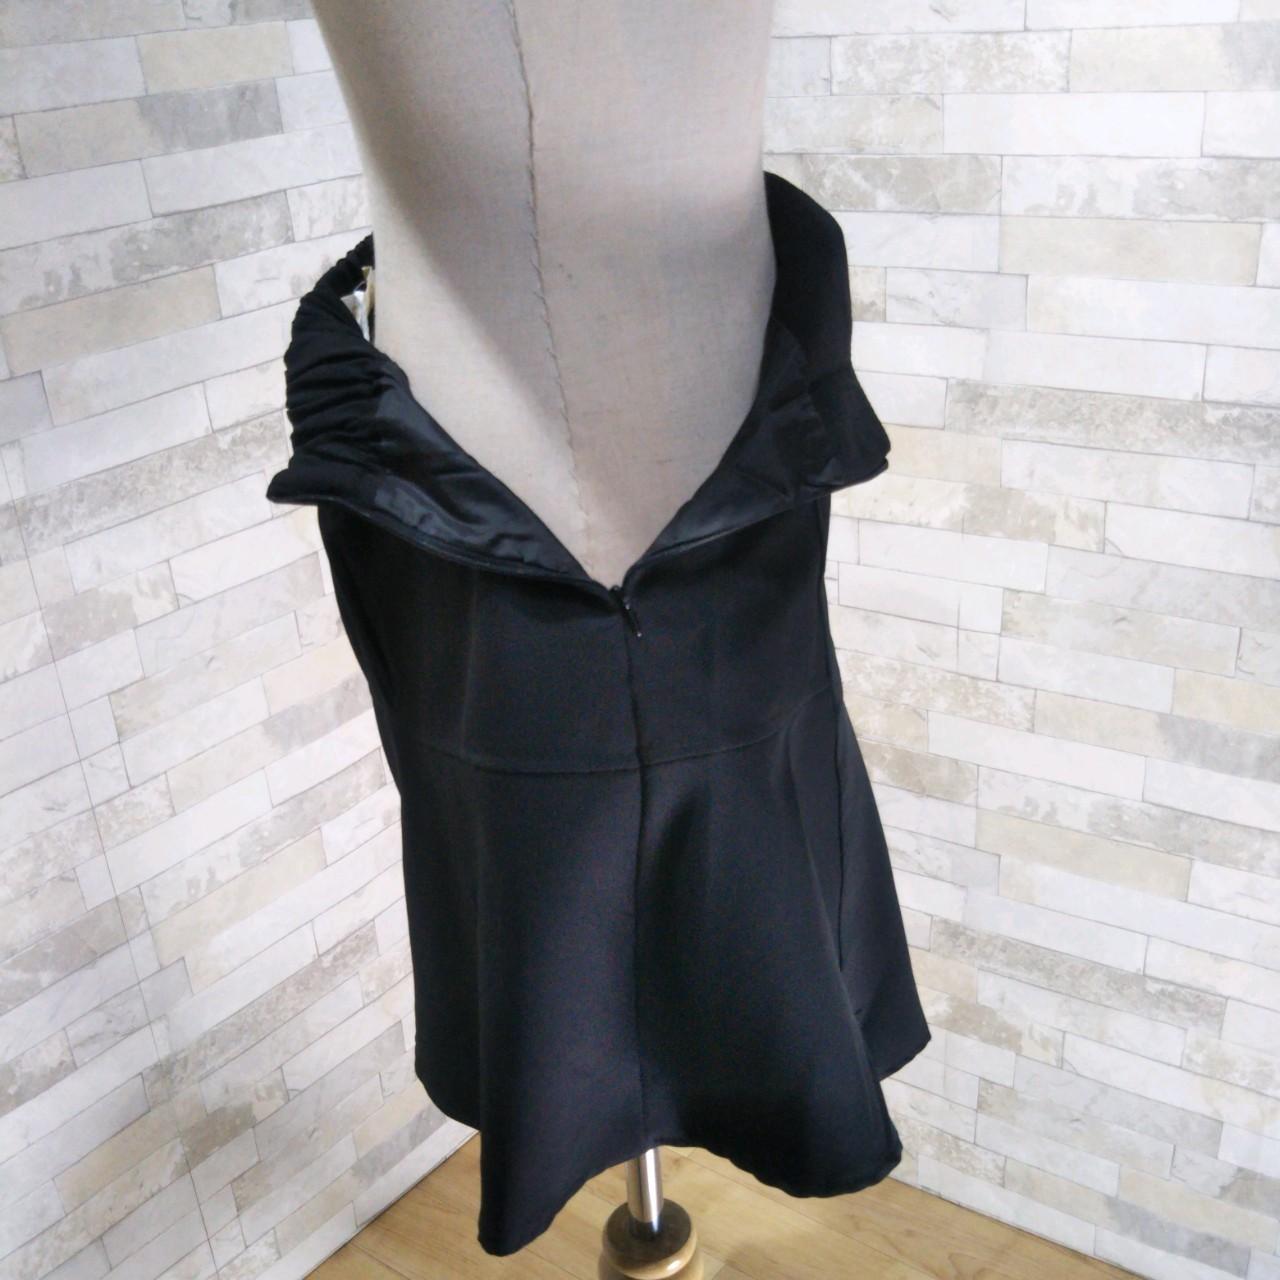 韓国 ファッション スカート ミニ ボトムス 春 夏 カジュアル PTXE657  アシンメトリー イレヘム 切り替え サーキュラー フレアスカート フェミニン  オルチャン シンプル 定番 セレカジの写真8枚目